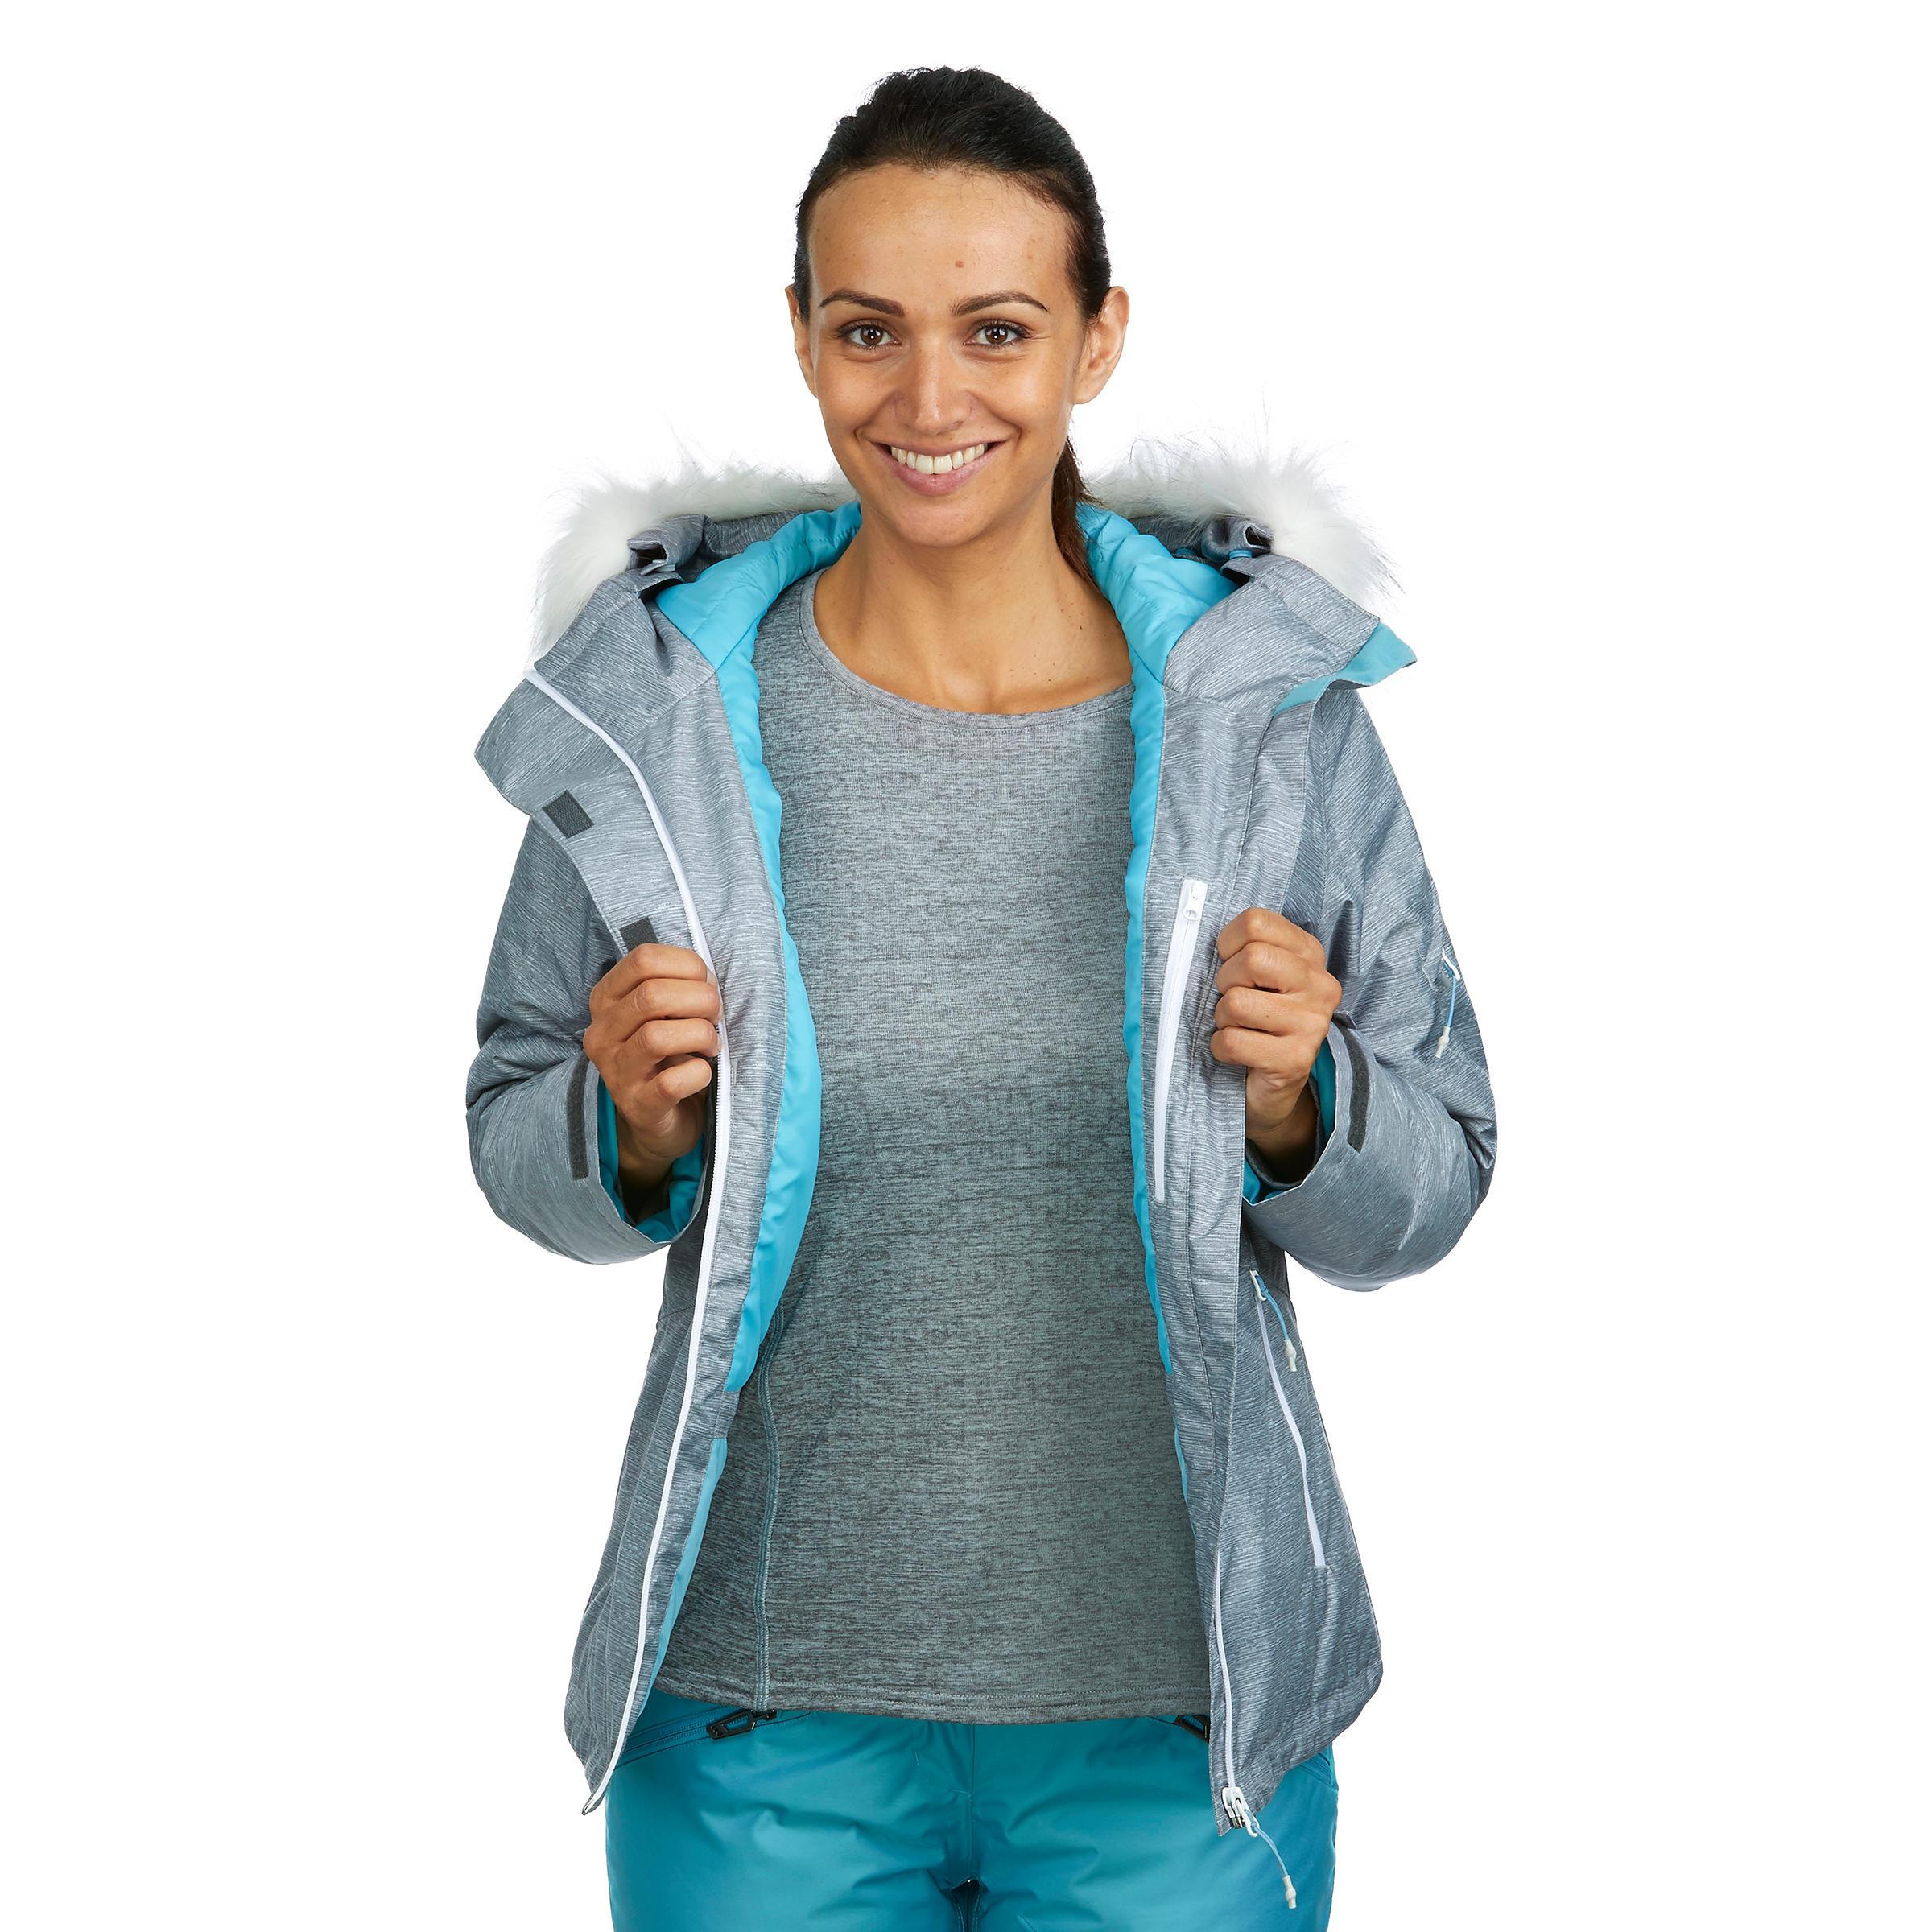 เสื้อแจ็คเก็ตผู้หญิงสำหรับใส่เล่นสกีลงเขารุ่น Ski-P 150 (สีเทา)